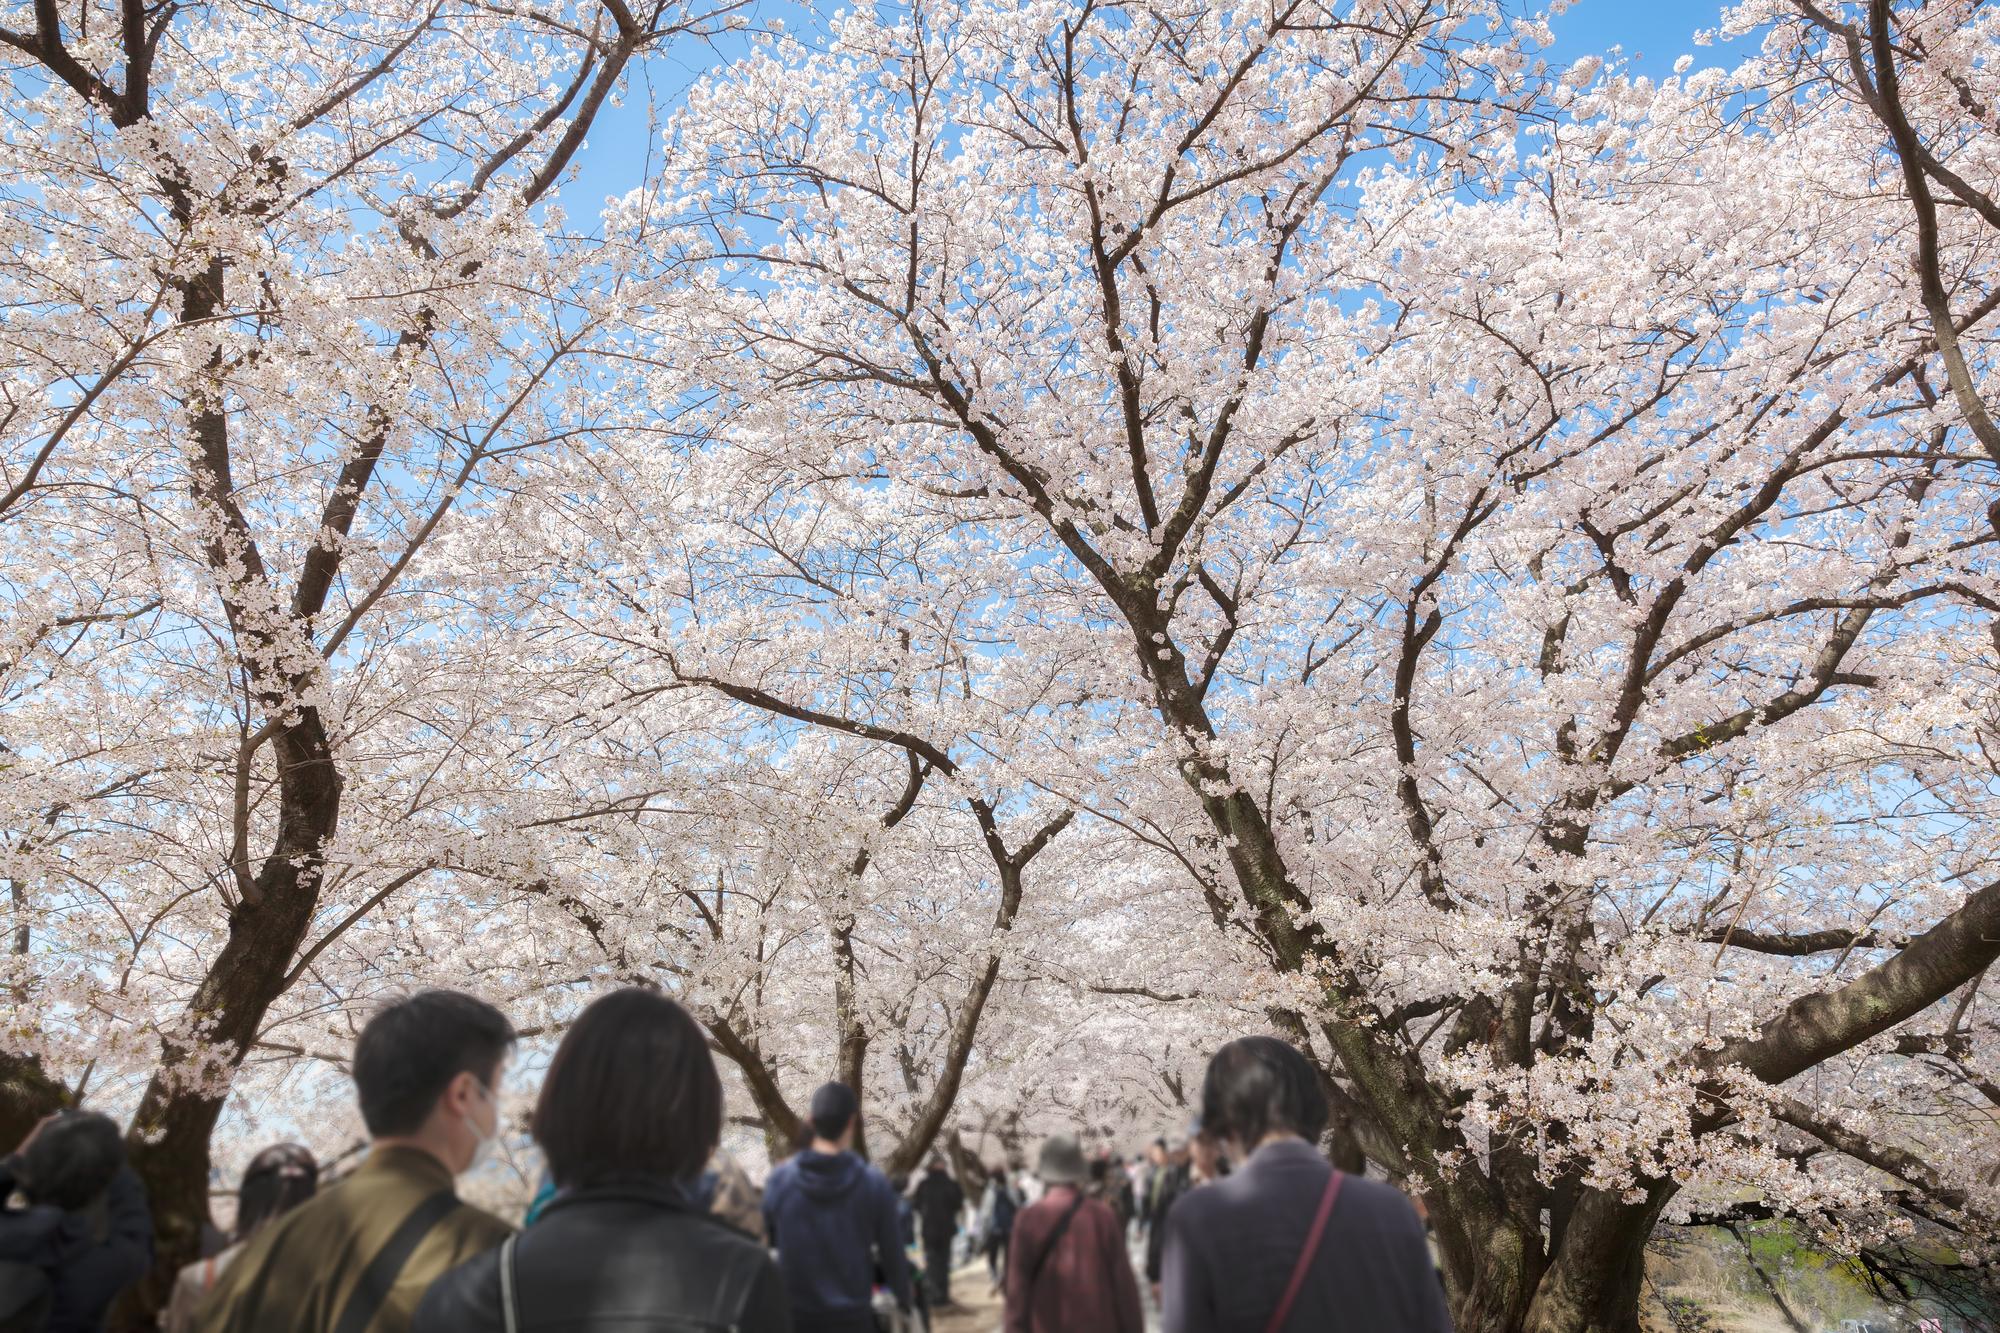 桜並木の下で混雑